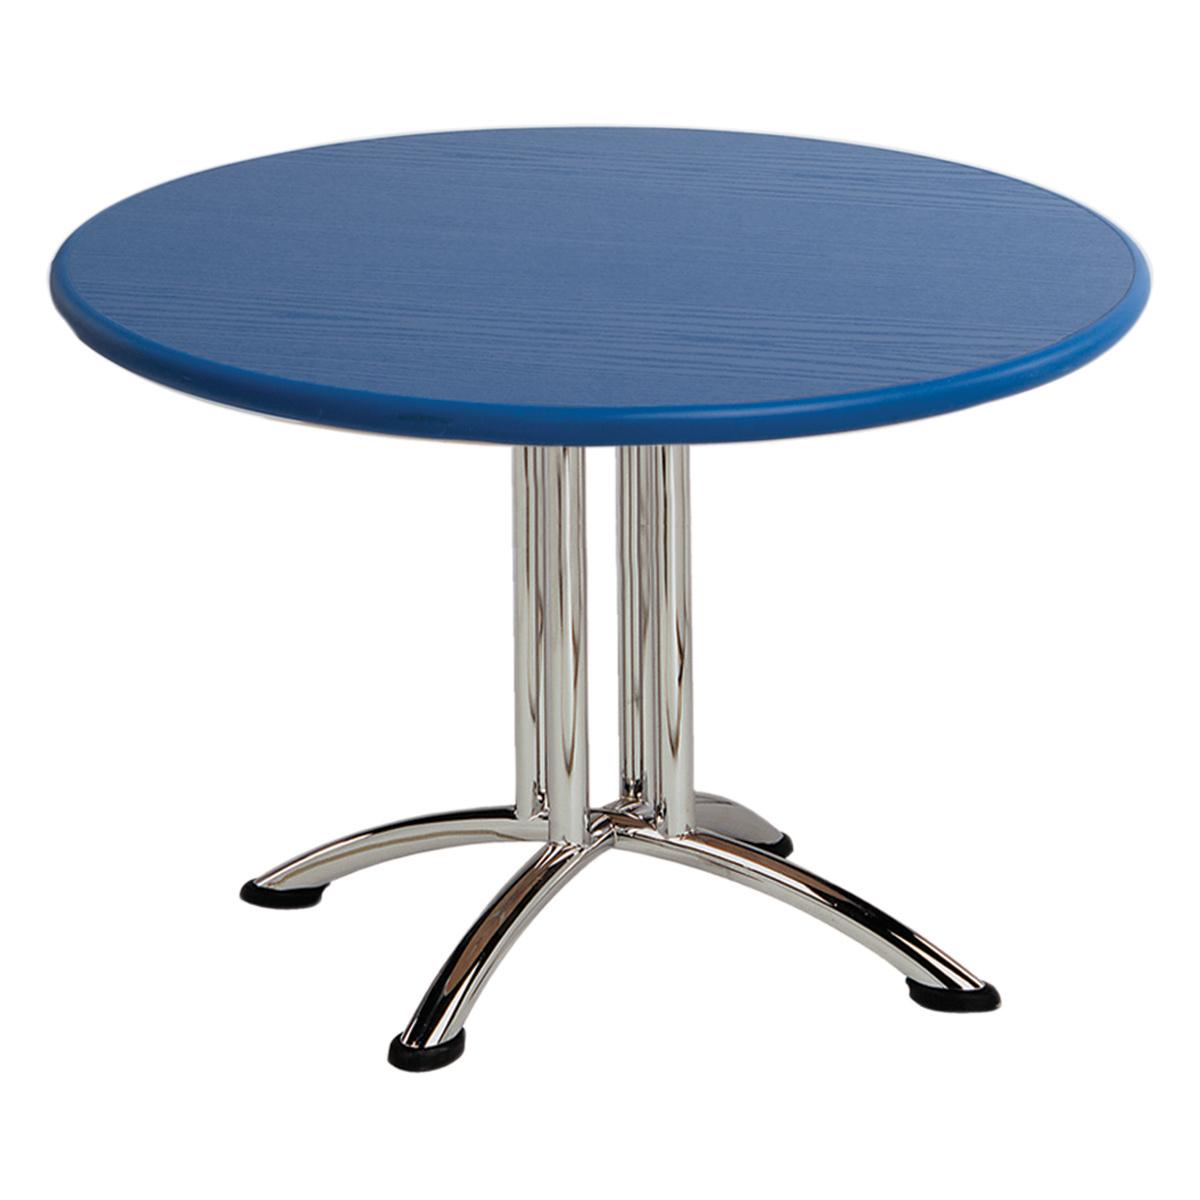 table basse ariane bleu 60 internation moduling. Black Bedroom Furniture Sets. Home Design Ideas